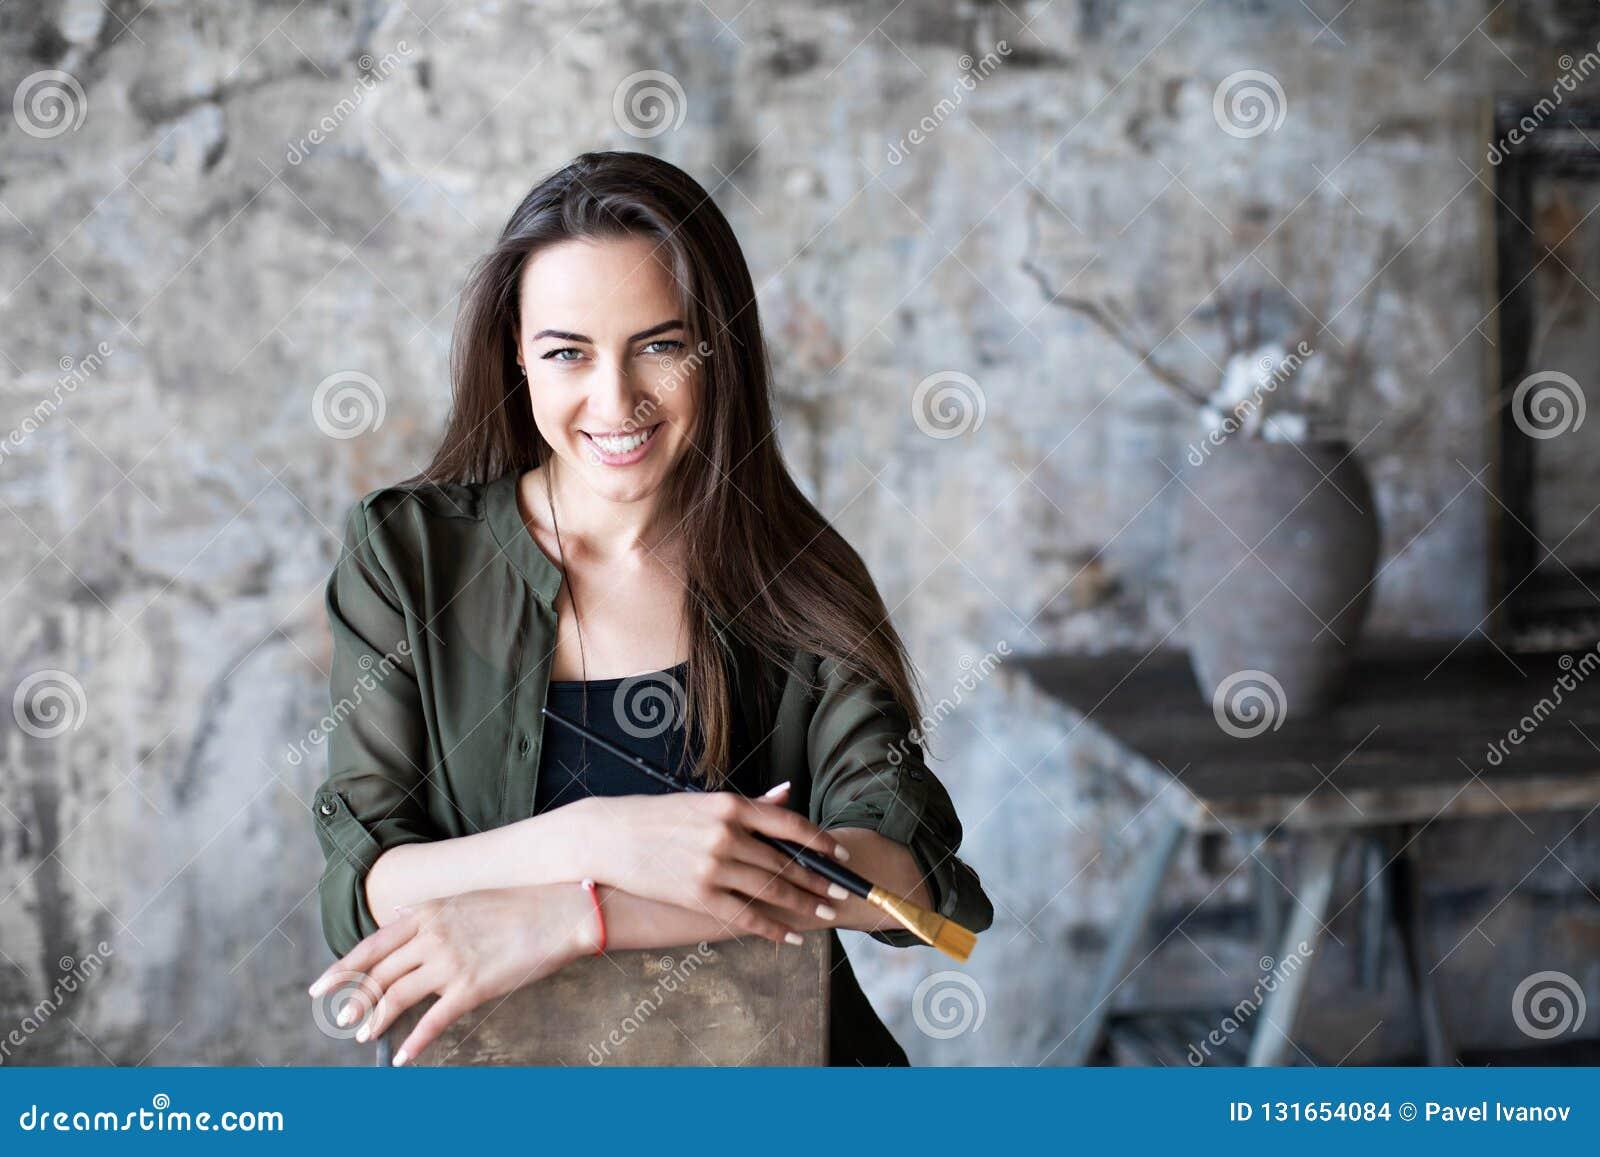 Frau mit einer Bürste in ihrer Hand und in einem reizend Lächeln auf ihrem Gesicht fotografierte Sitzen auf einem Stuhl in einem